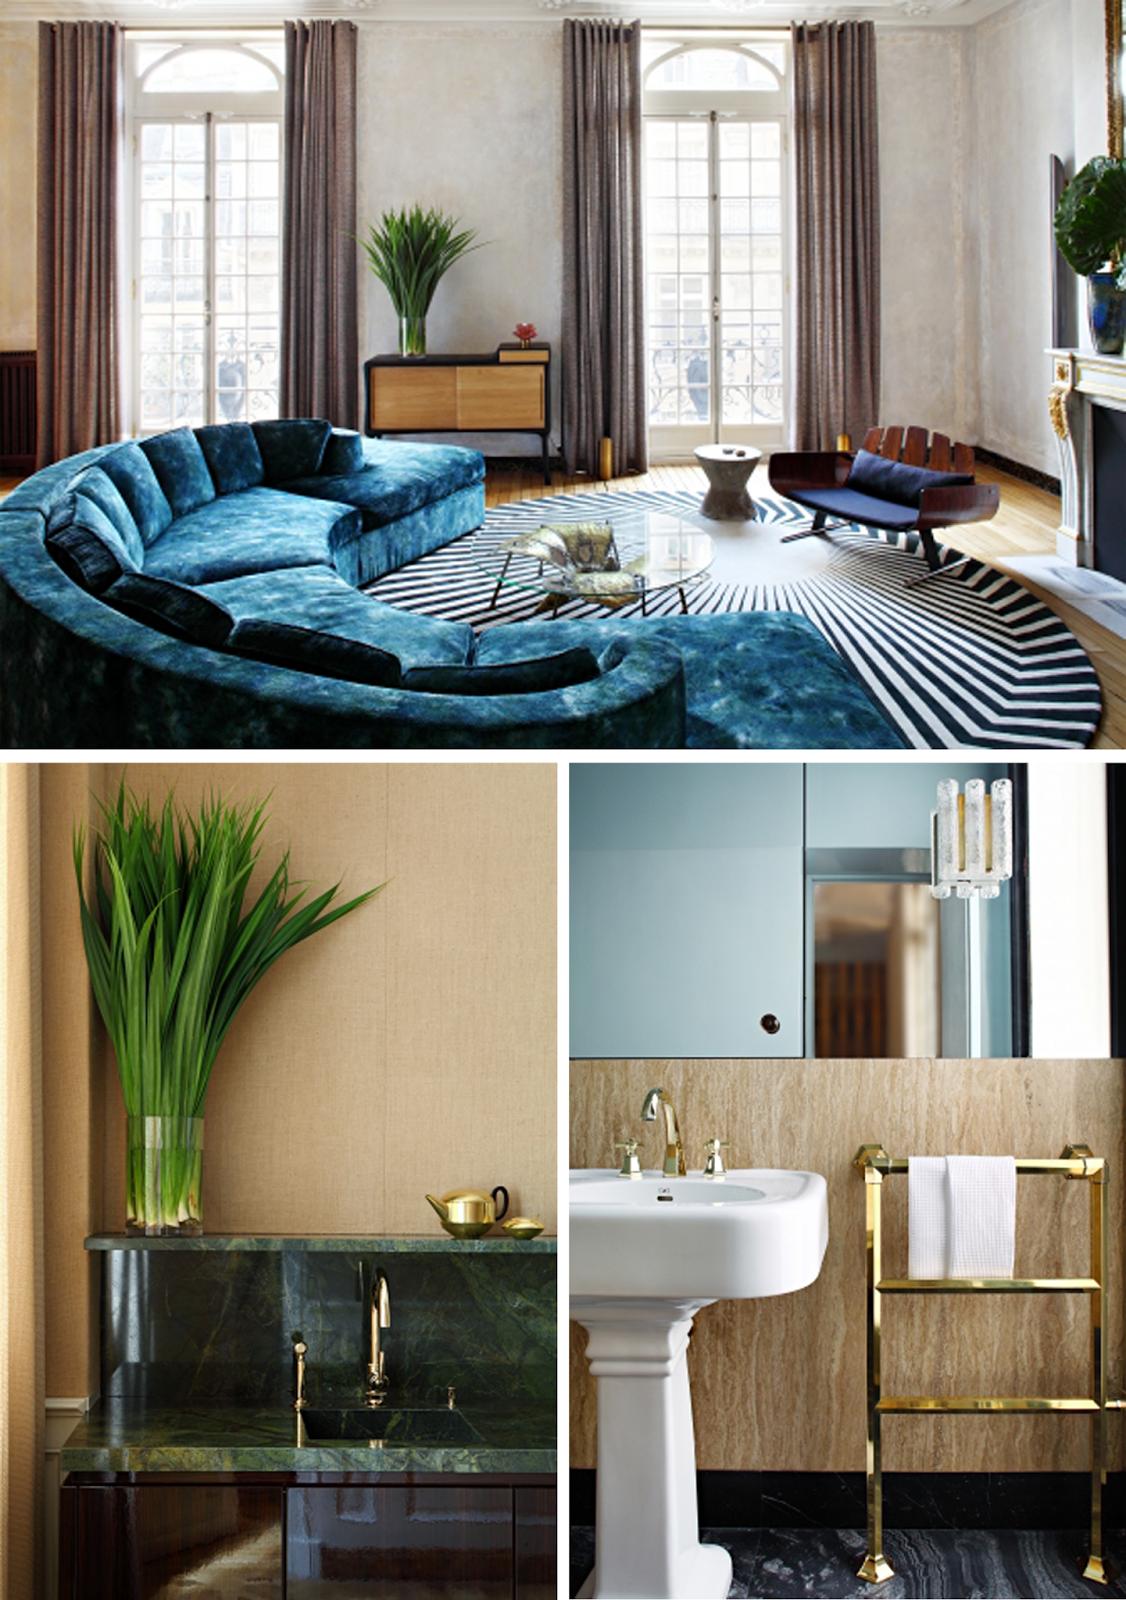 Home design exterieur und interieur ulf g bohlin  photo  intérieur et extérieur  pinterest